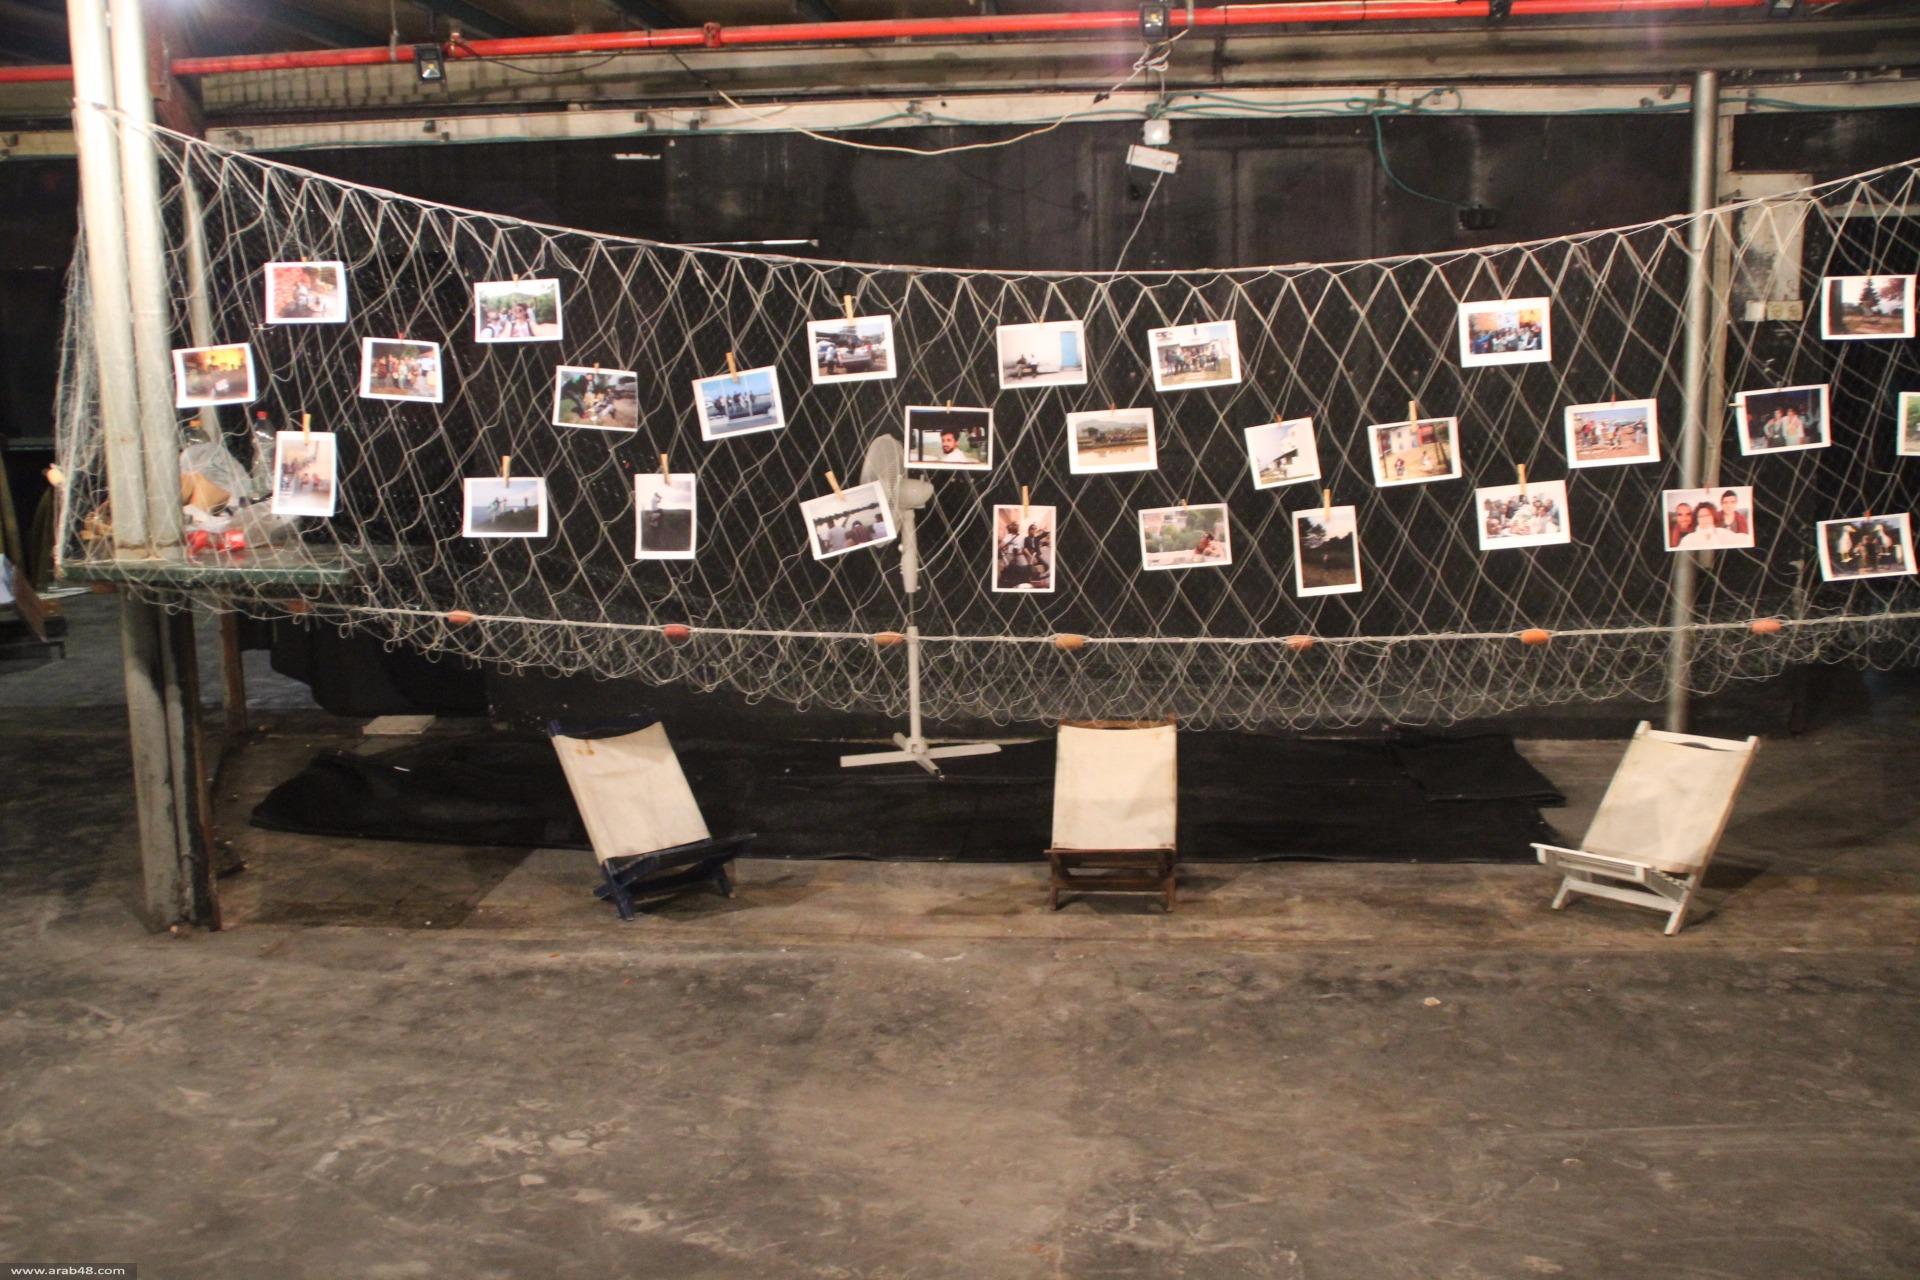 فريق المصورين الفلسطينيين يفتتح معرضه في حيفا